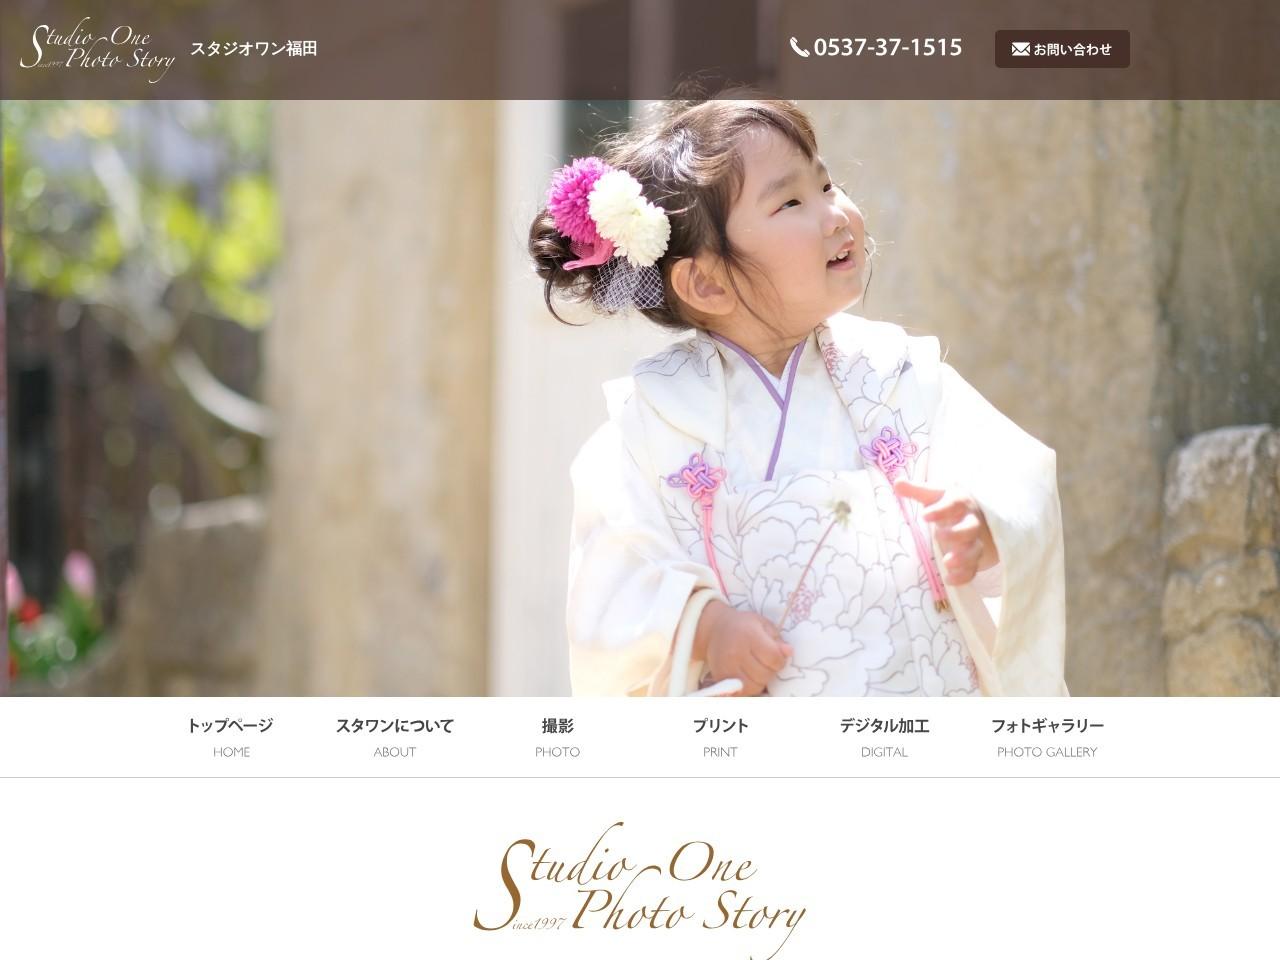 有限会社スタジオワン福田